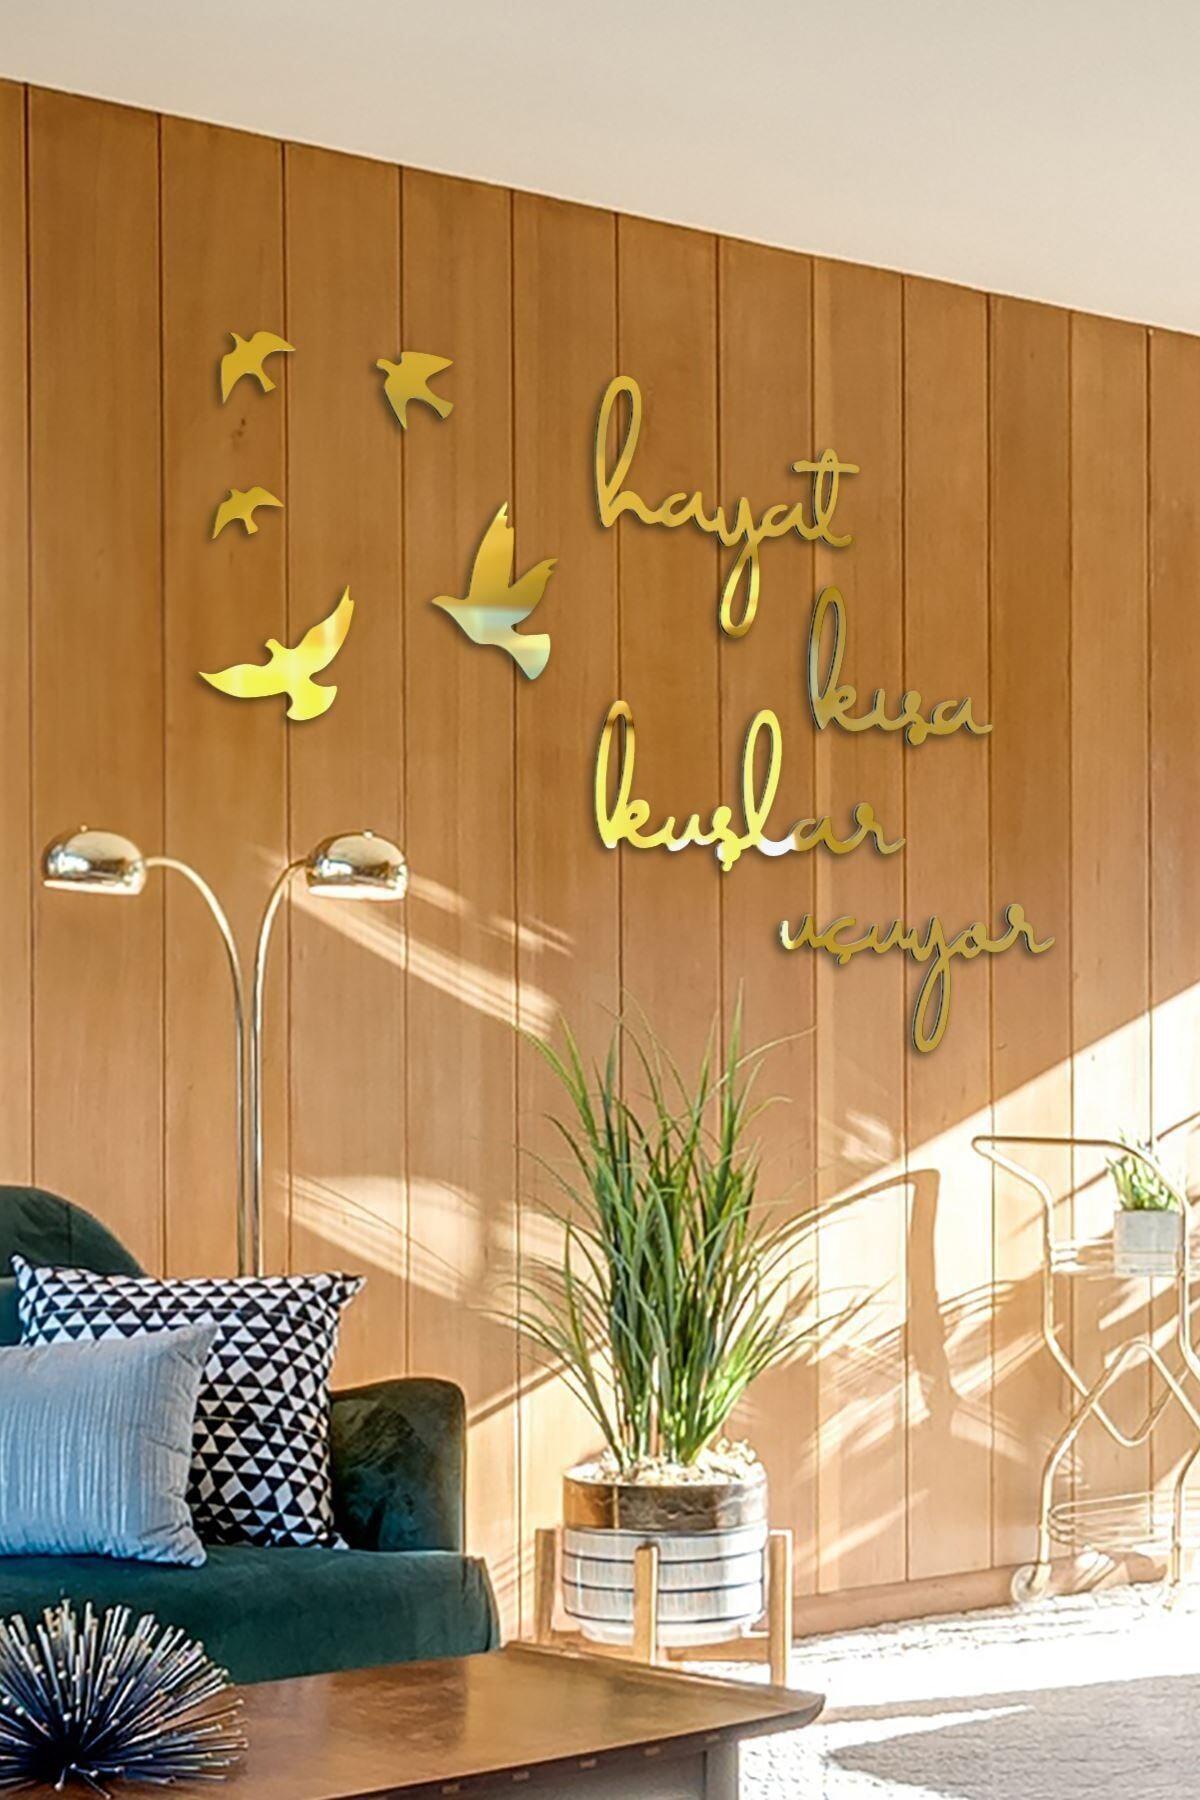 GÜNEŞ LAZER Hayat Kısa Kuşlar Uçuyor Aynalı Gold Pleksi Duvar Dekor Yazısı 2